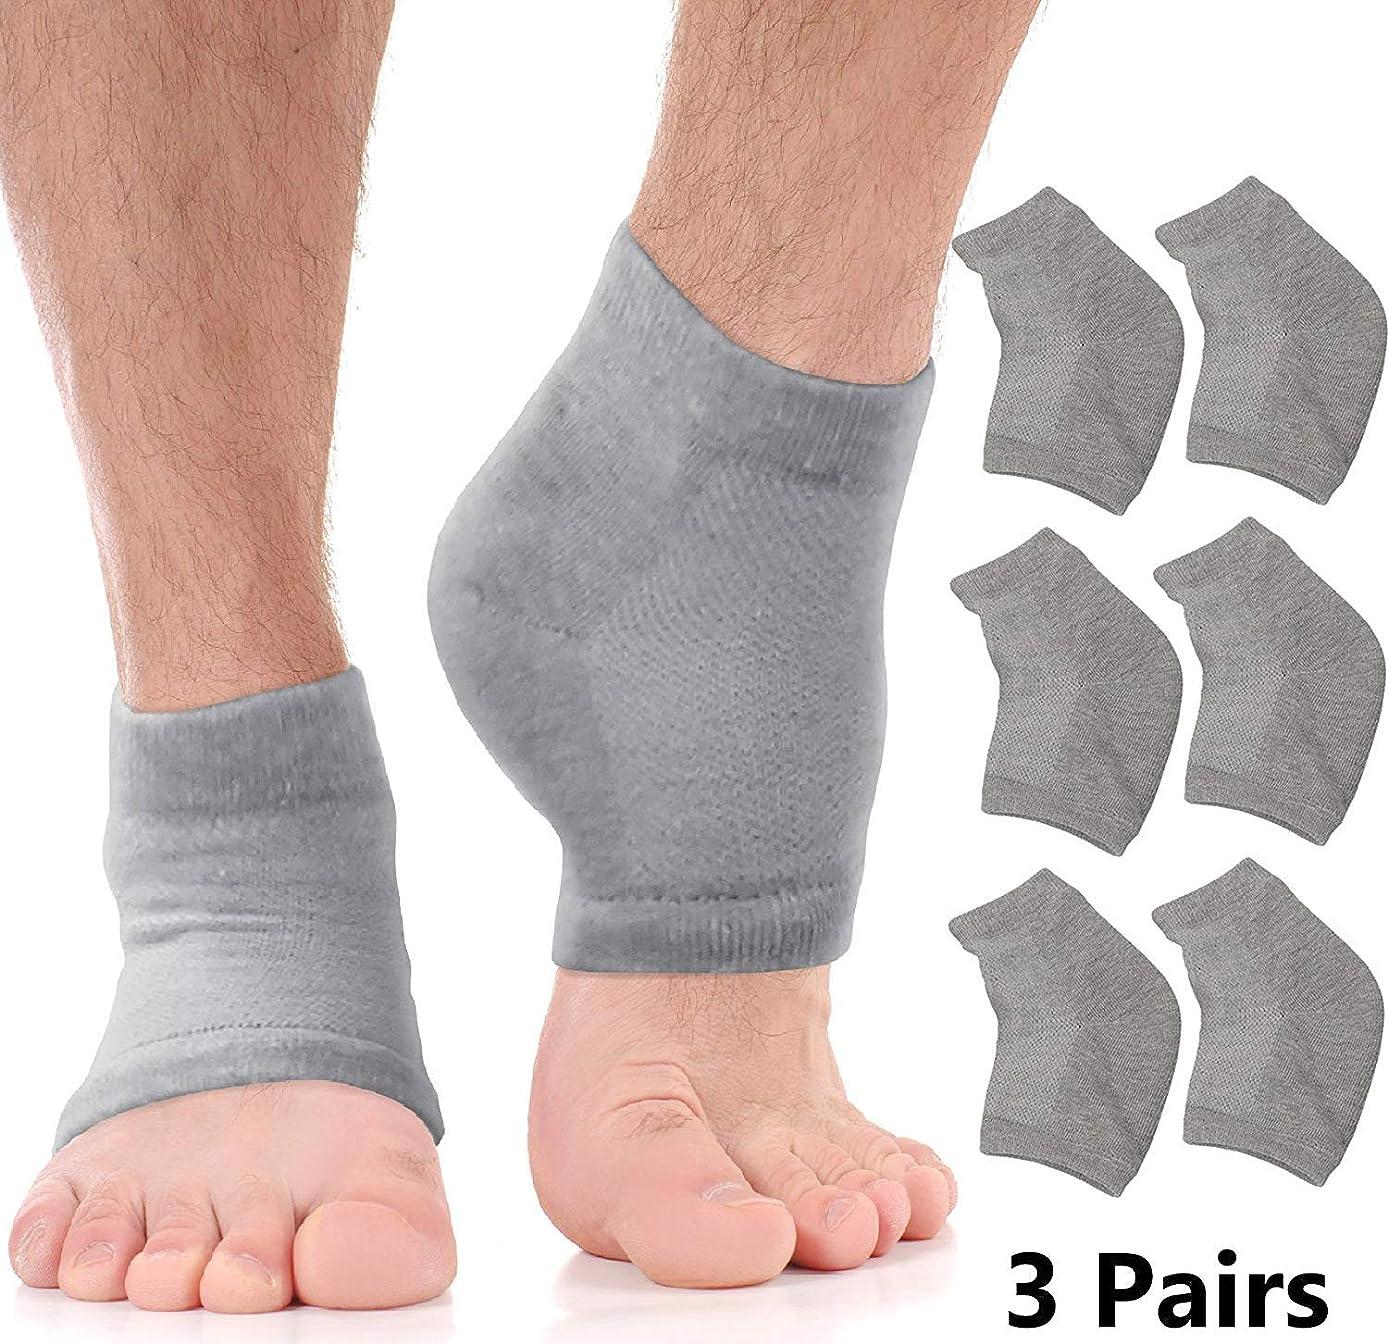 拡張息子差別化するモイスチャライジングソックスクラックトヒールトリートメント-乾燥した足とかかとを素早く扱います。 アロエモイスチャライザーローションを注入したジェルヒールソックスで、ひび割れた足の皮膚の痛みを和らげます。 女性と男性の両方のためのペディキュア (Large - Value Pack 3 Pairs)